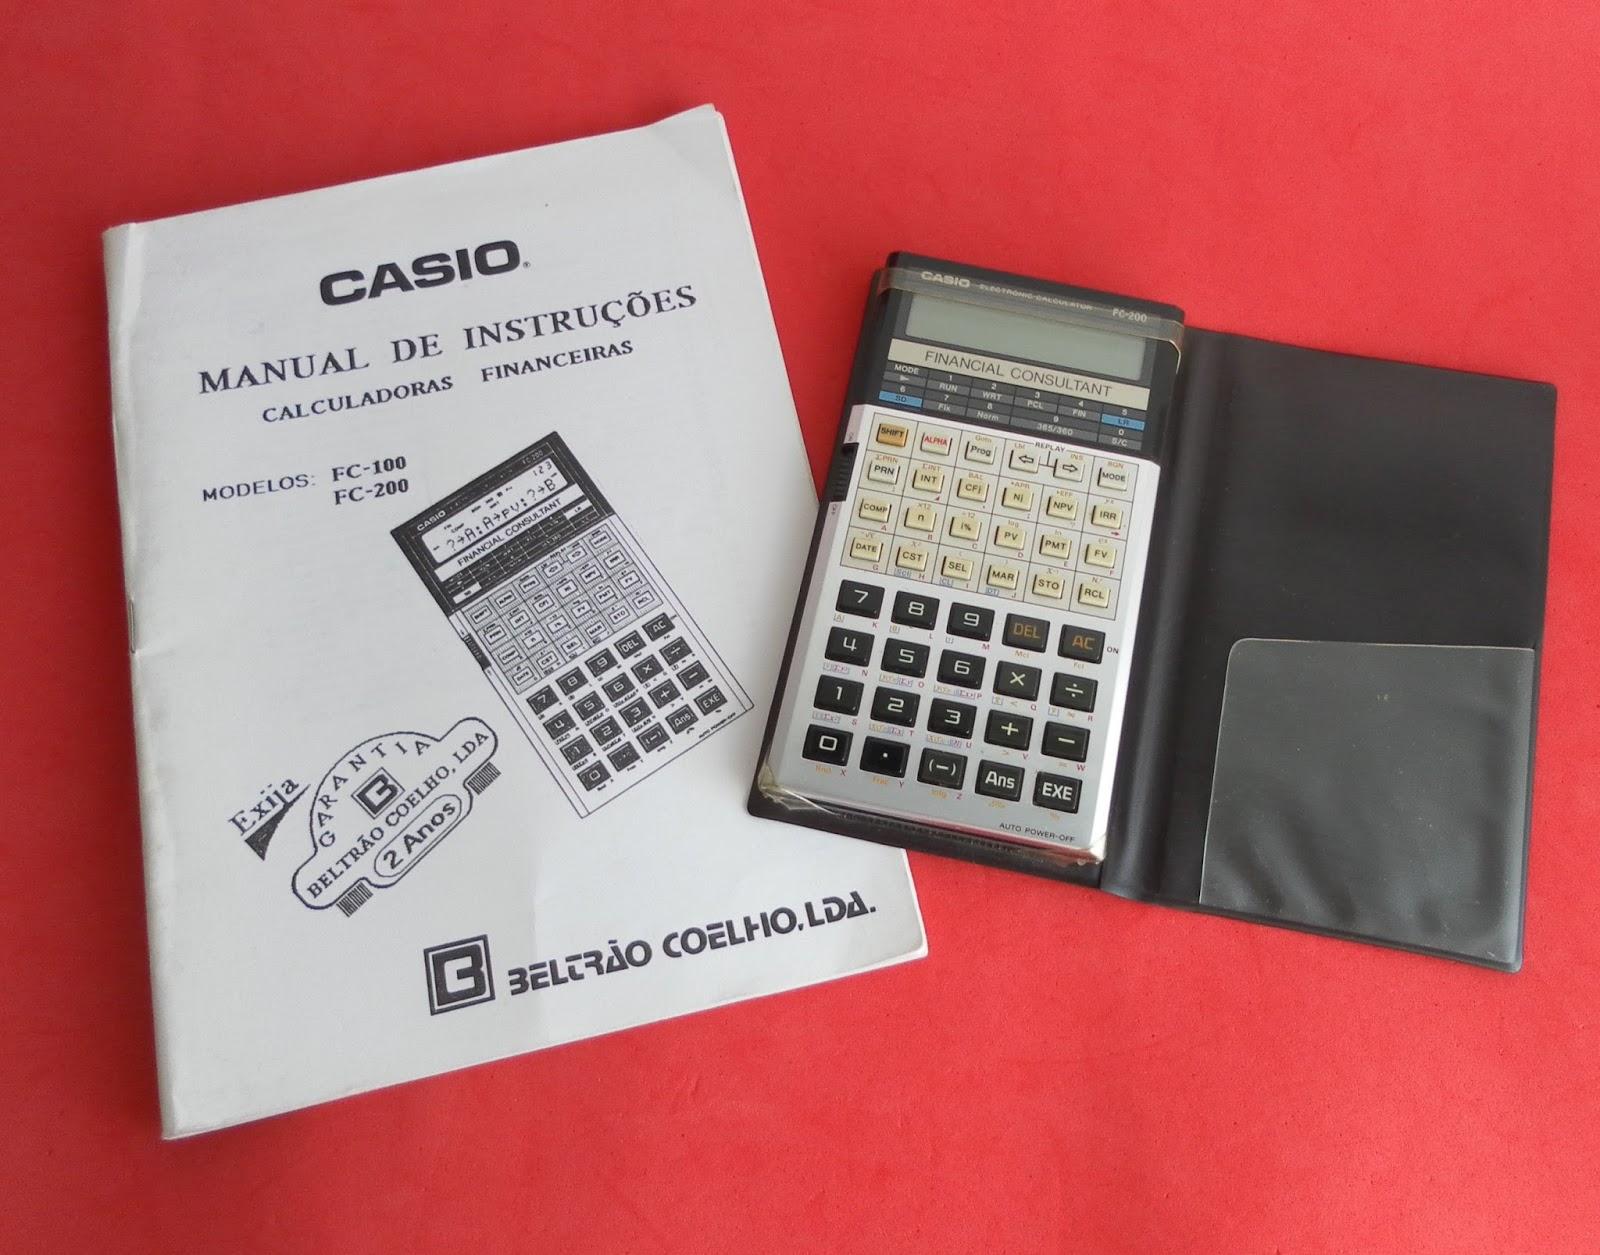 [Image: Casio_FC-200_007.jpg]